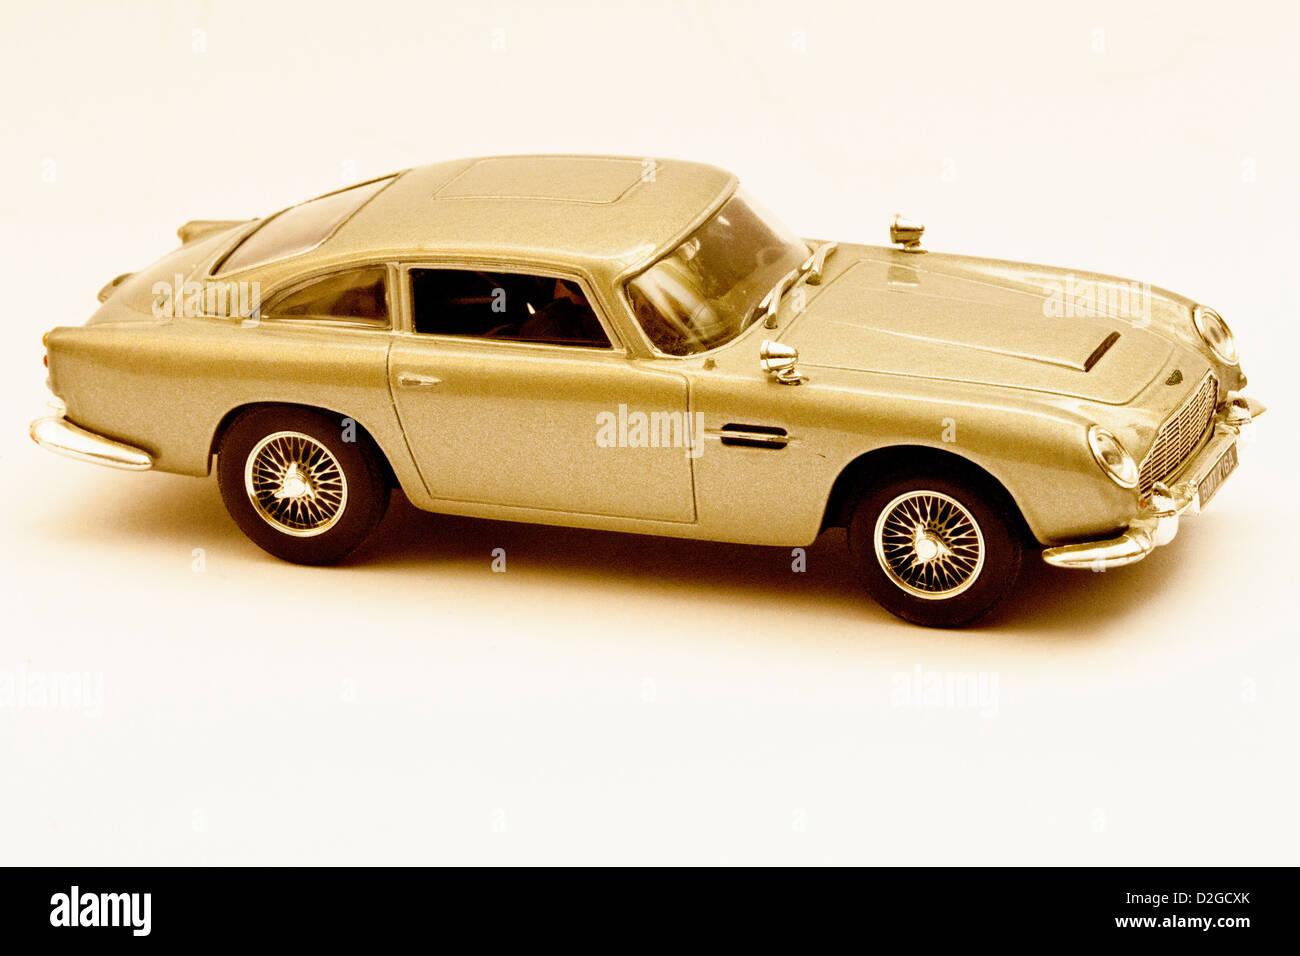 Aston Martin DBS Spielzeugauto Stockbild